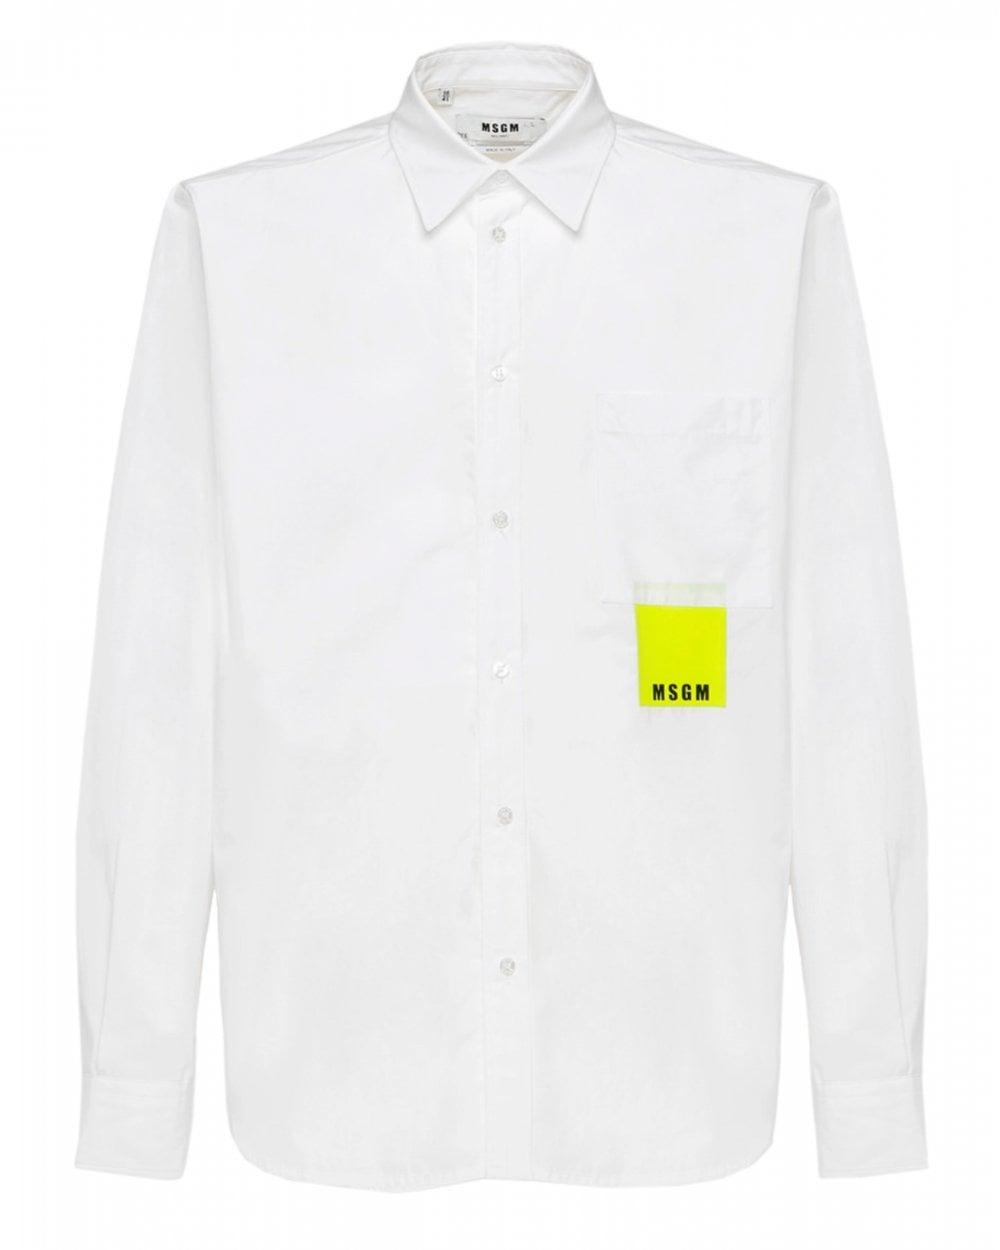 msgm-mens-white-neon-chest-pocket-shirt-